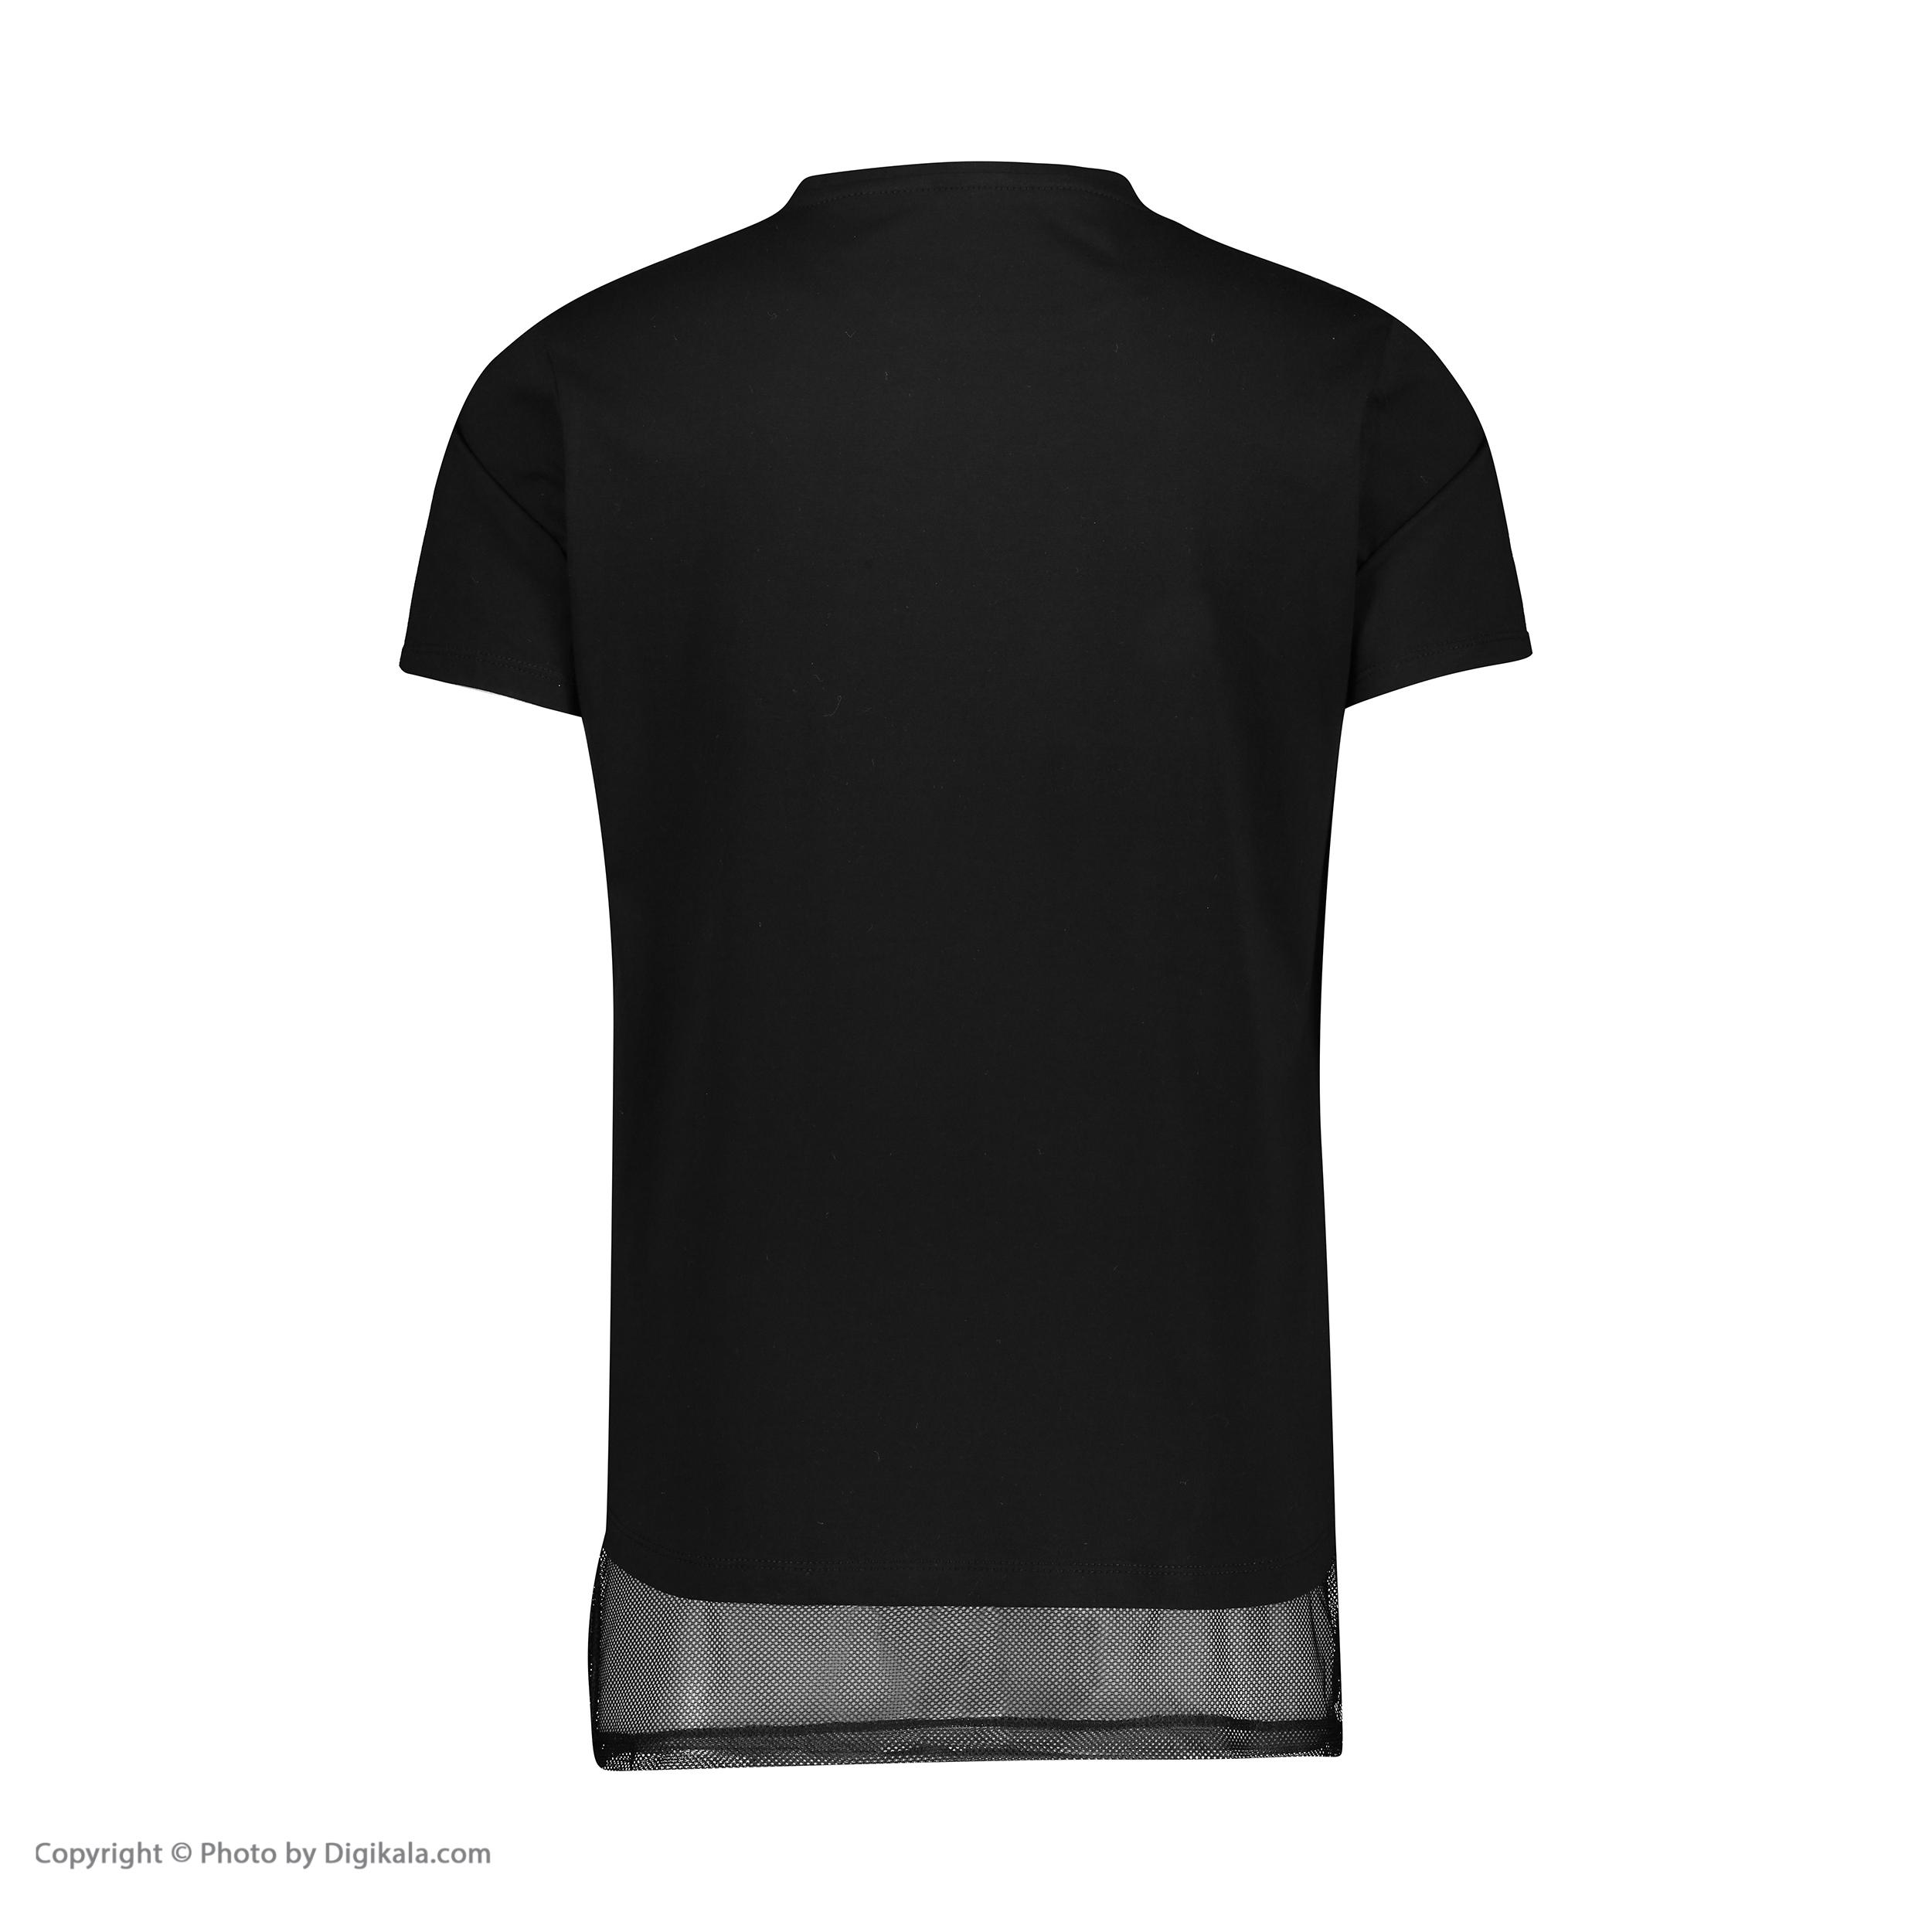 تی شرت مردانه سون پون مدل 2391106-99